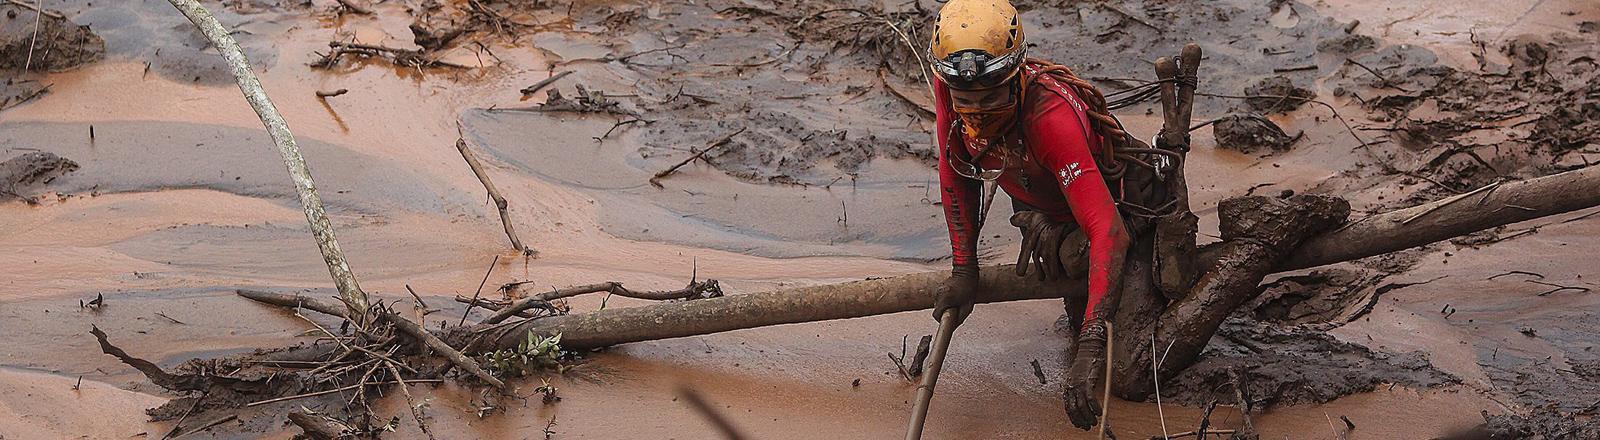 Nach einem Dammbruch wälzt sich eine riesige Schlammlawine entlang des Rio Doce.